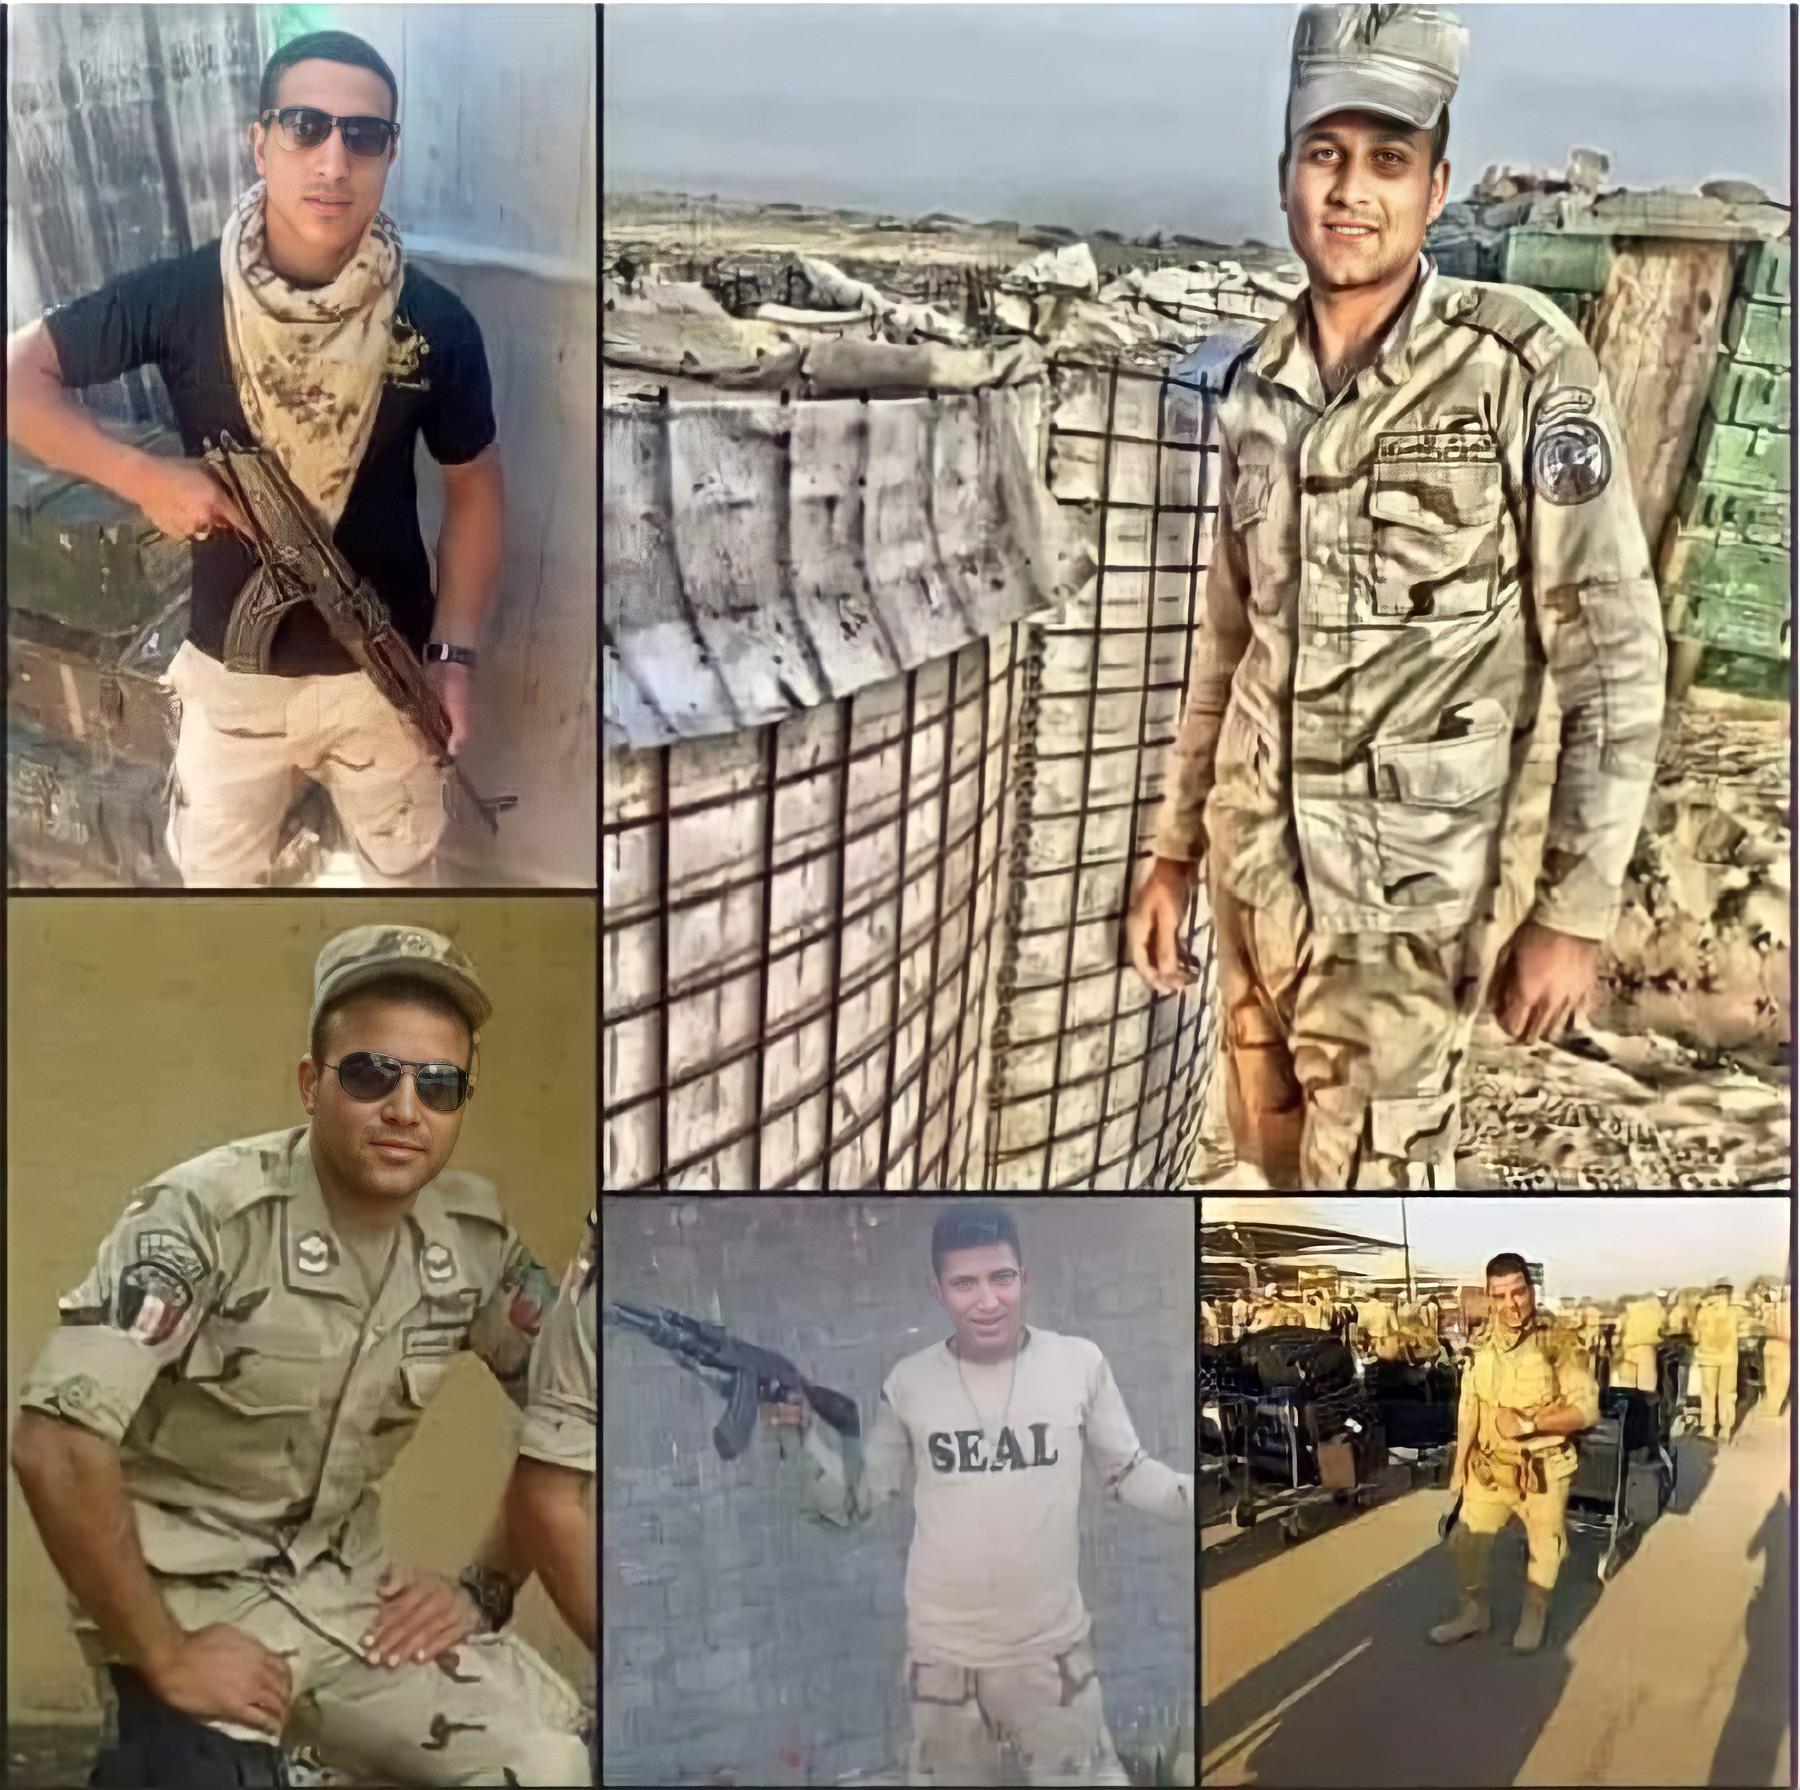 هجوم ارهابي استشهاد 5 وأصابة 8 من ابطال القوات المسلحة والشرطة كمين زلزال 13